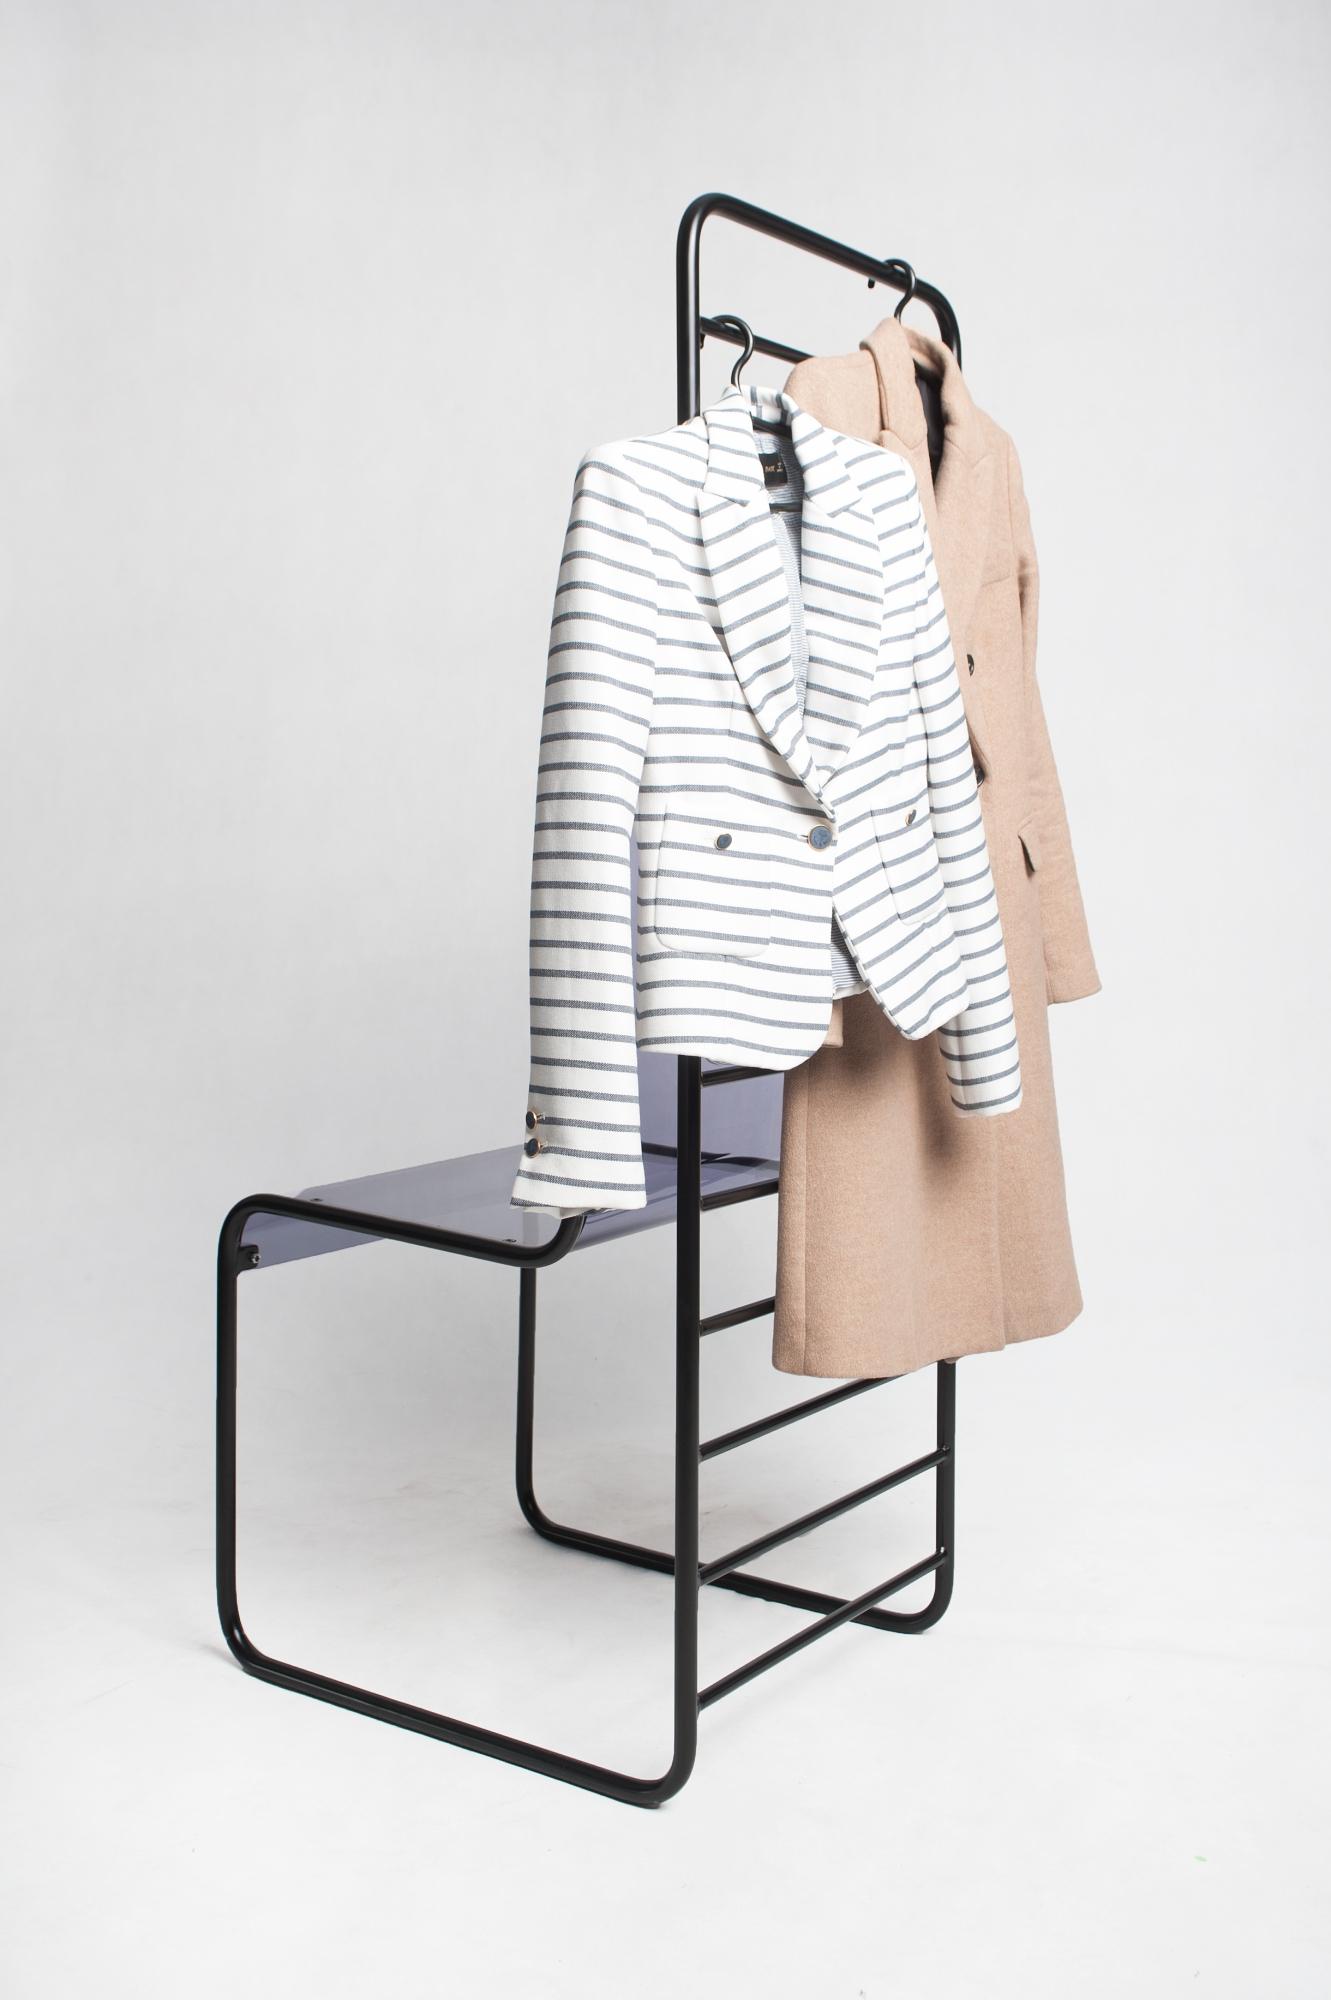 krzesło dla bałaganiarza